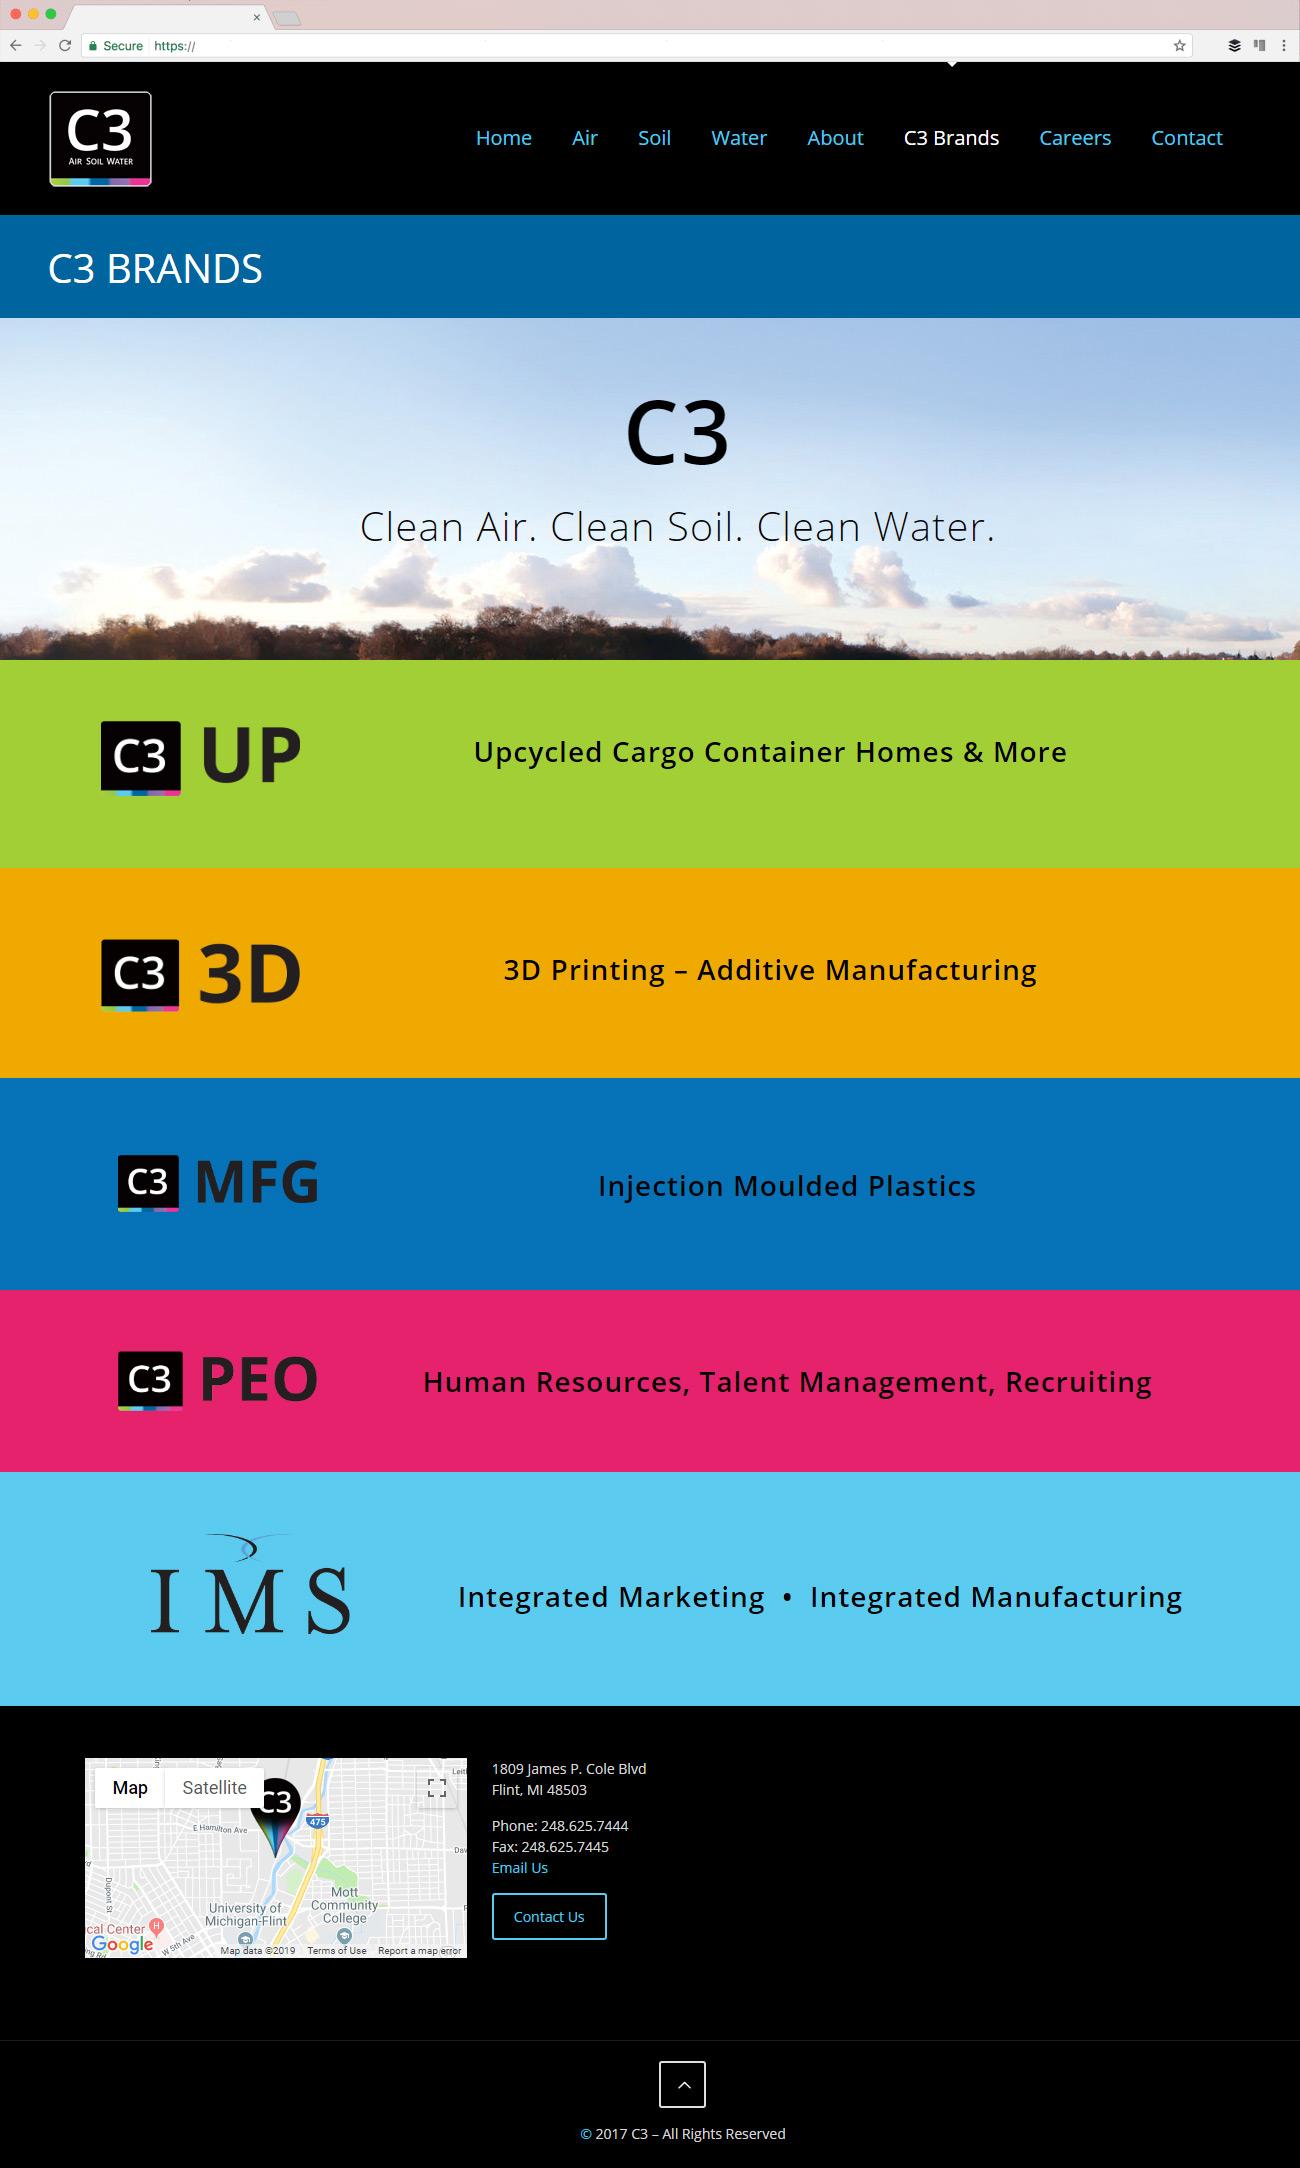 C3-brands